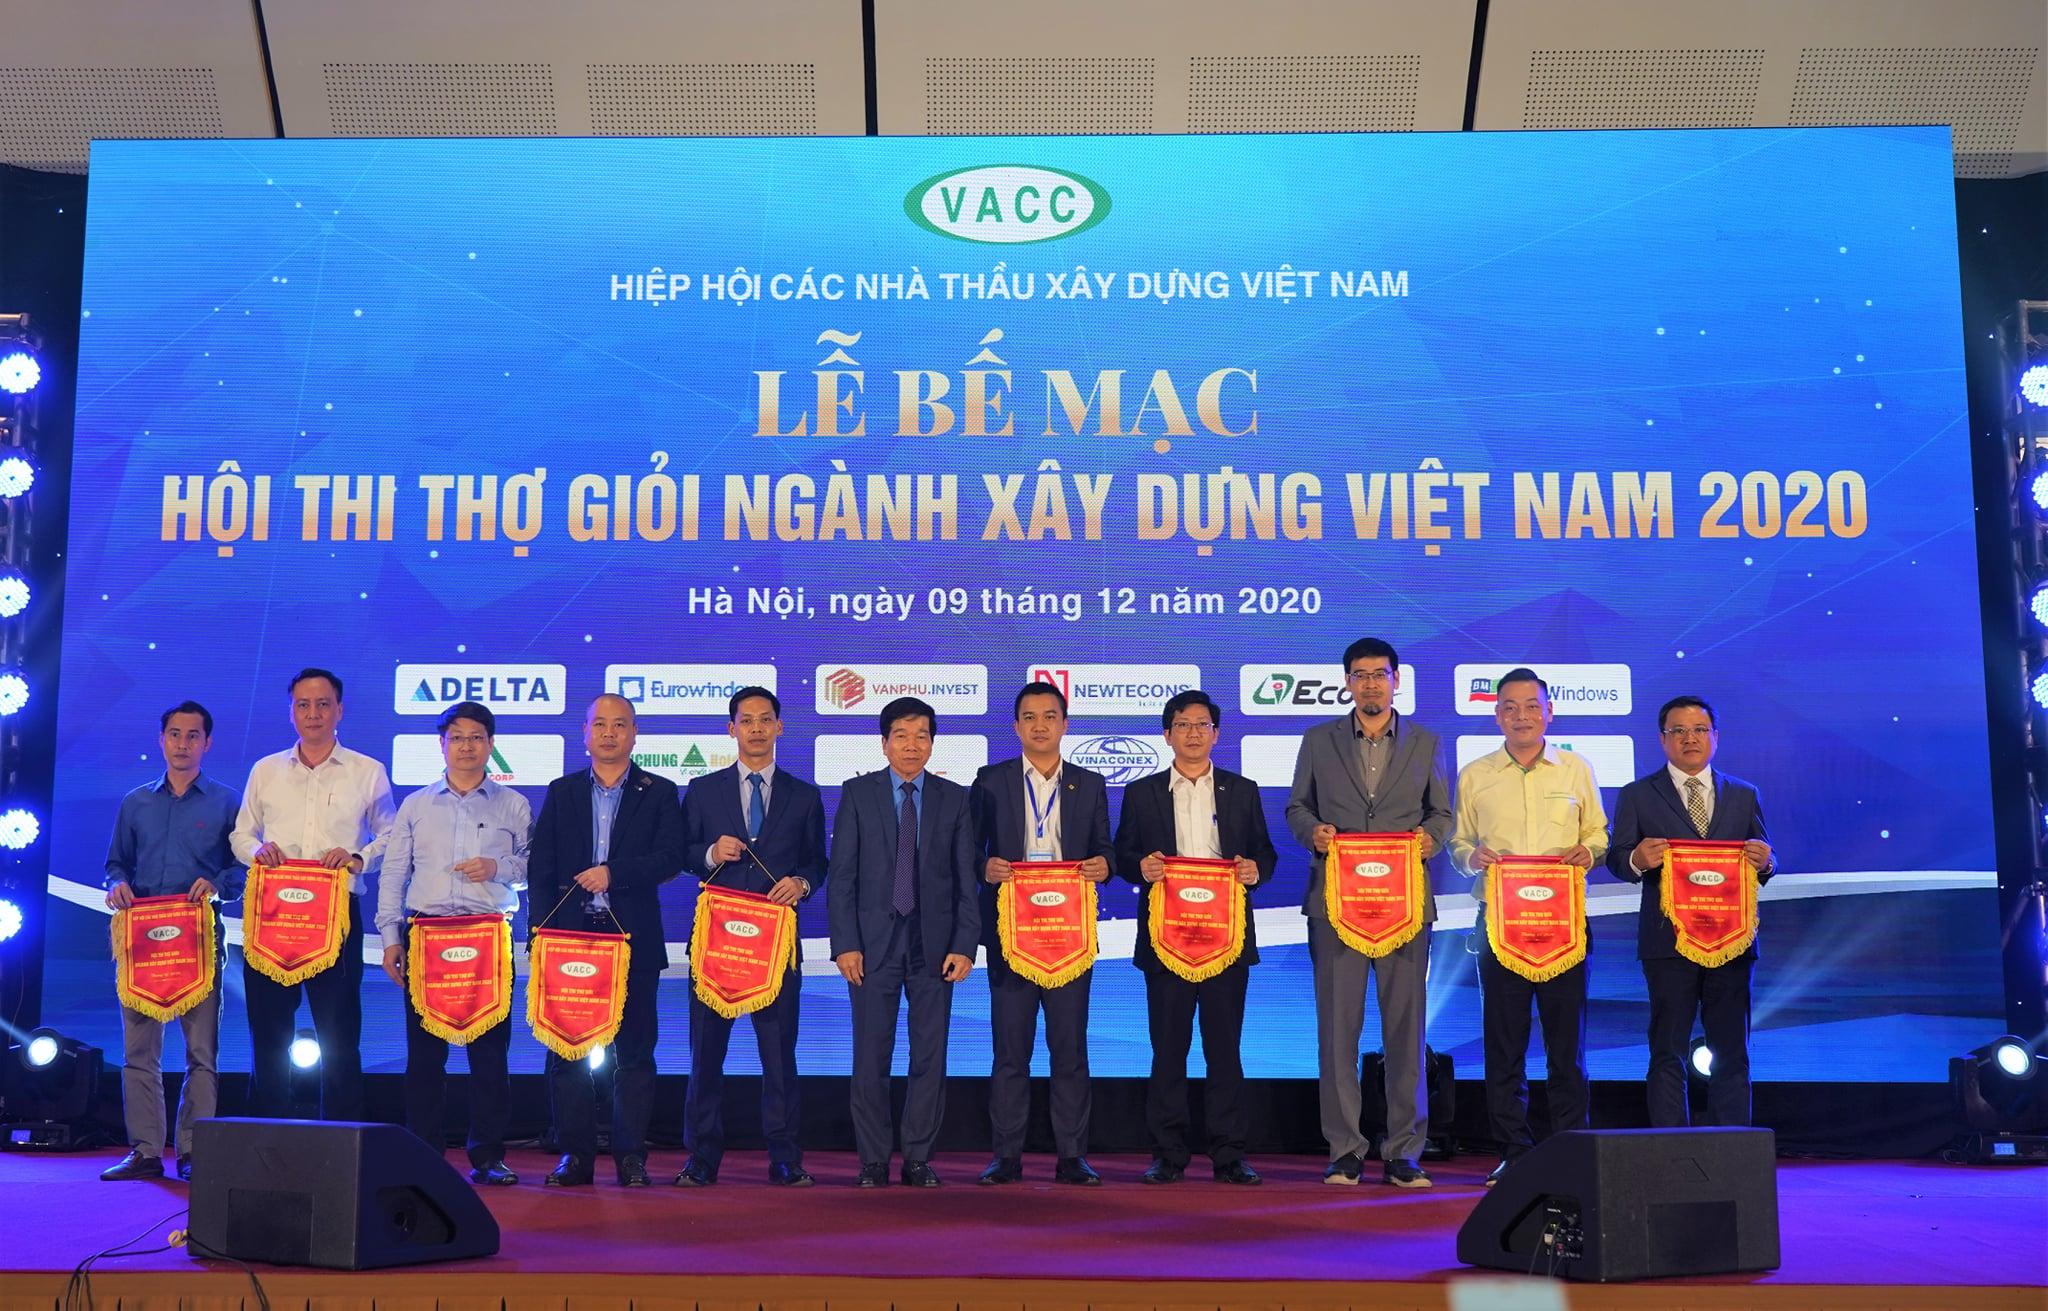 Ông Nguyễn Quốc Hiệp trao Cờ lưu niệm cho đại diện Eurowindow và các đơn vị tham dự hội thi